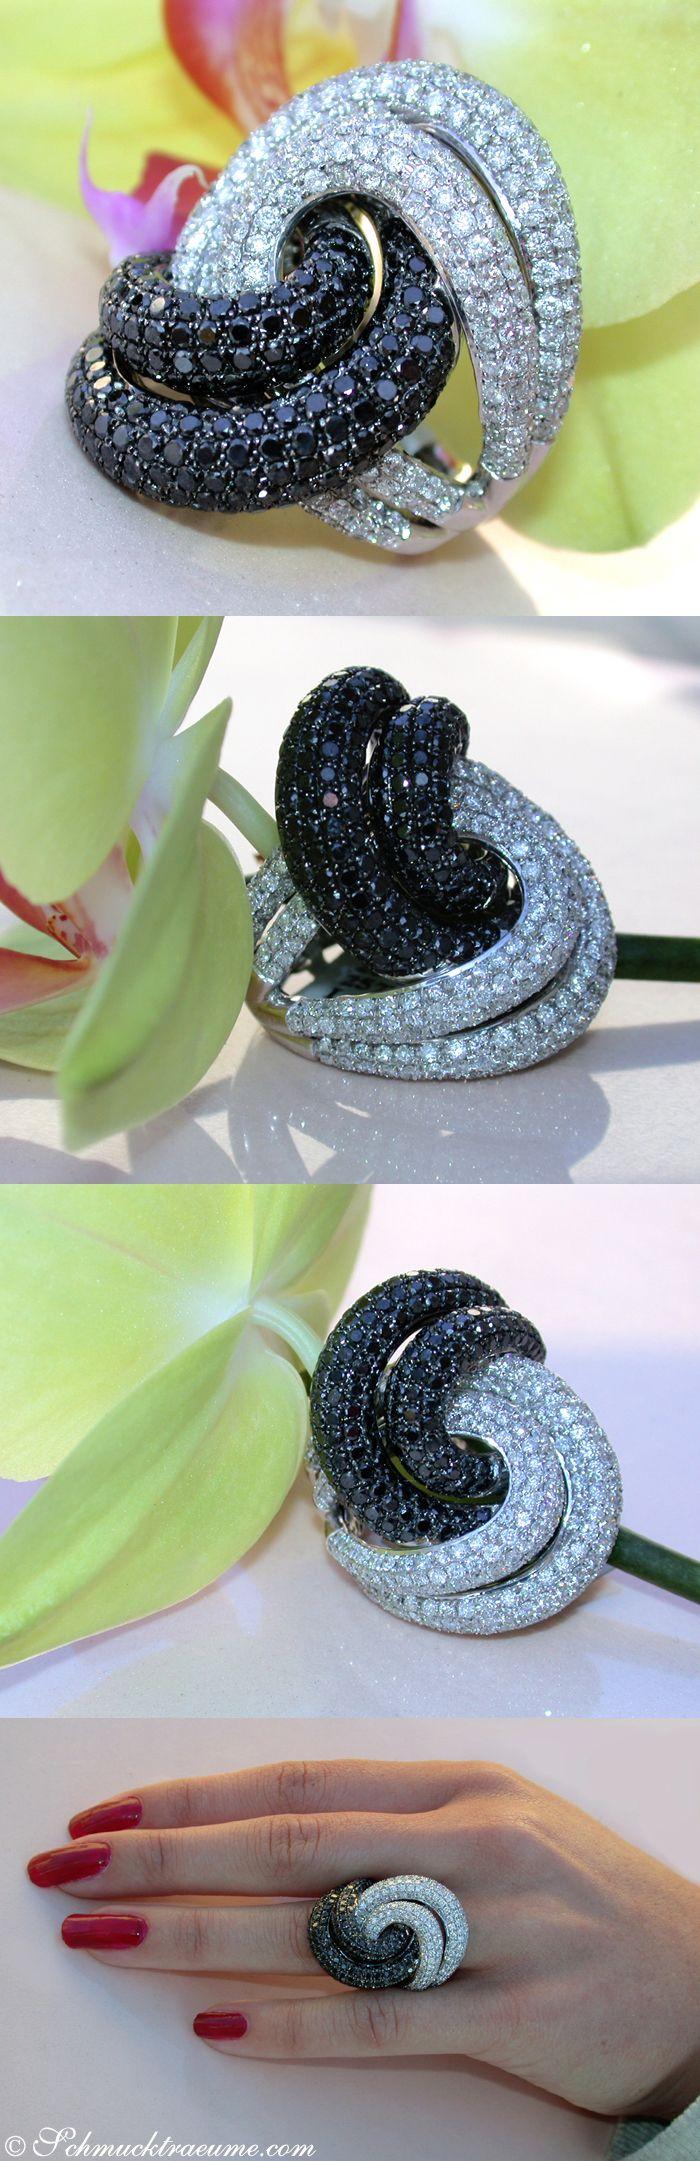 Huge Black amp White Diamond Ring  6 94 cts  WG14K   Visit  schmucktraeume com   Like  https   www facebook com pages Noble Juwelen 150871984924926   Mail  info schmucktraeume com